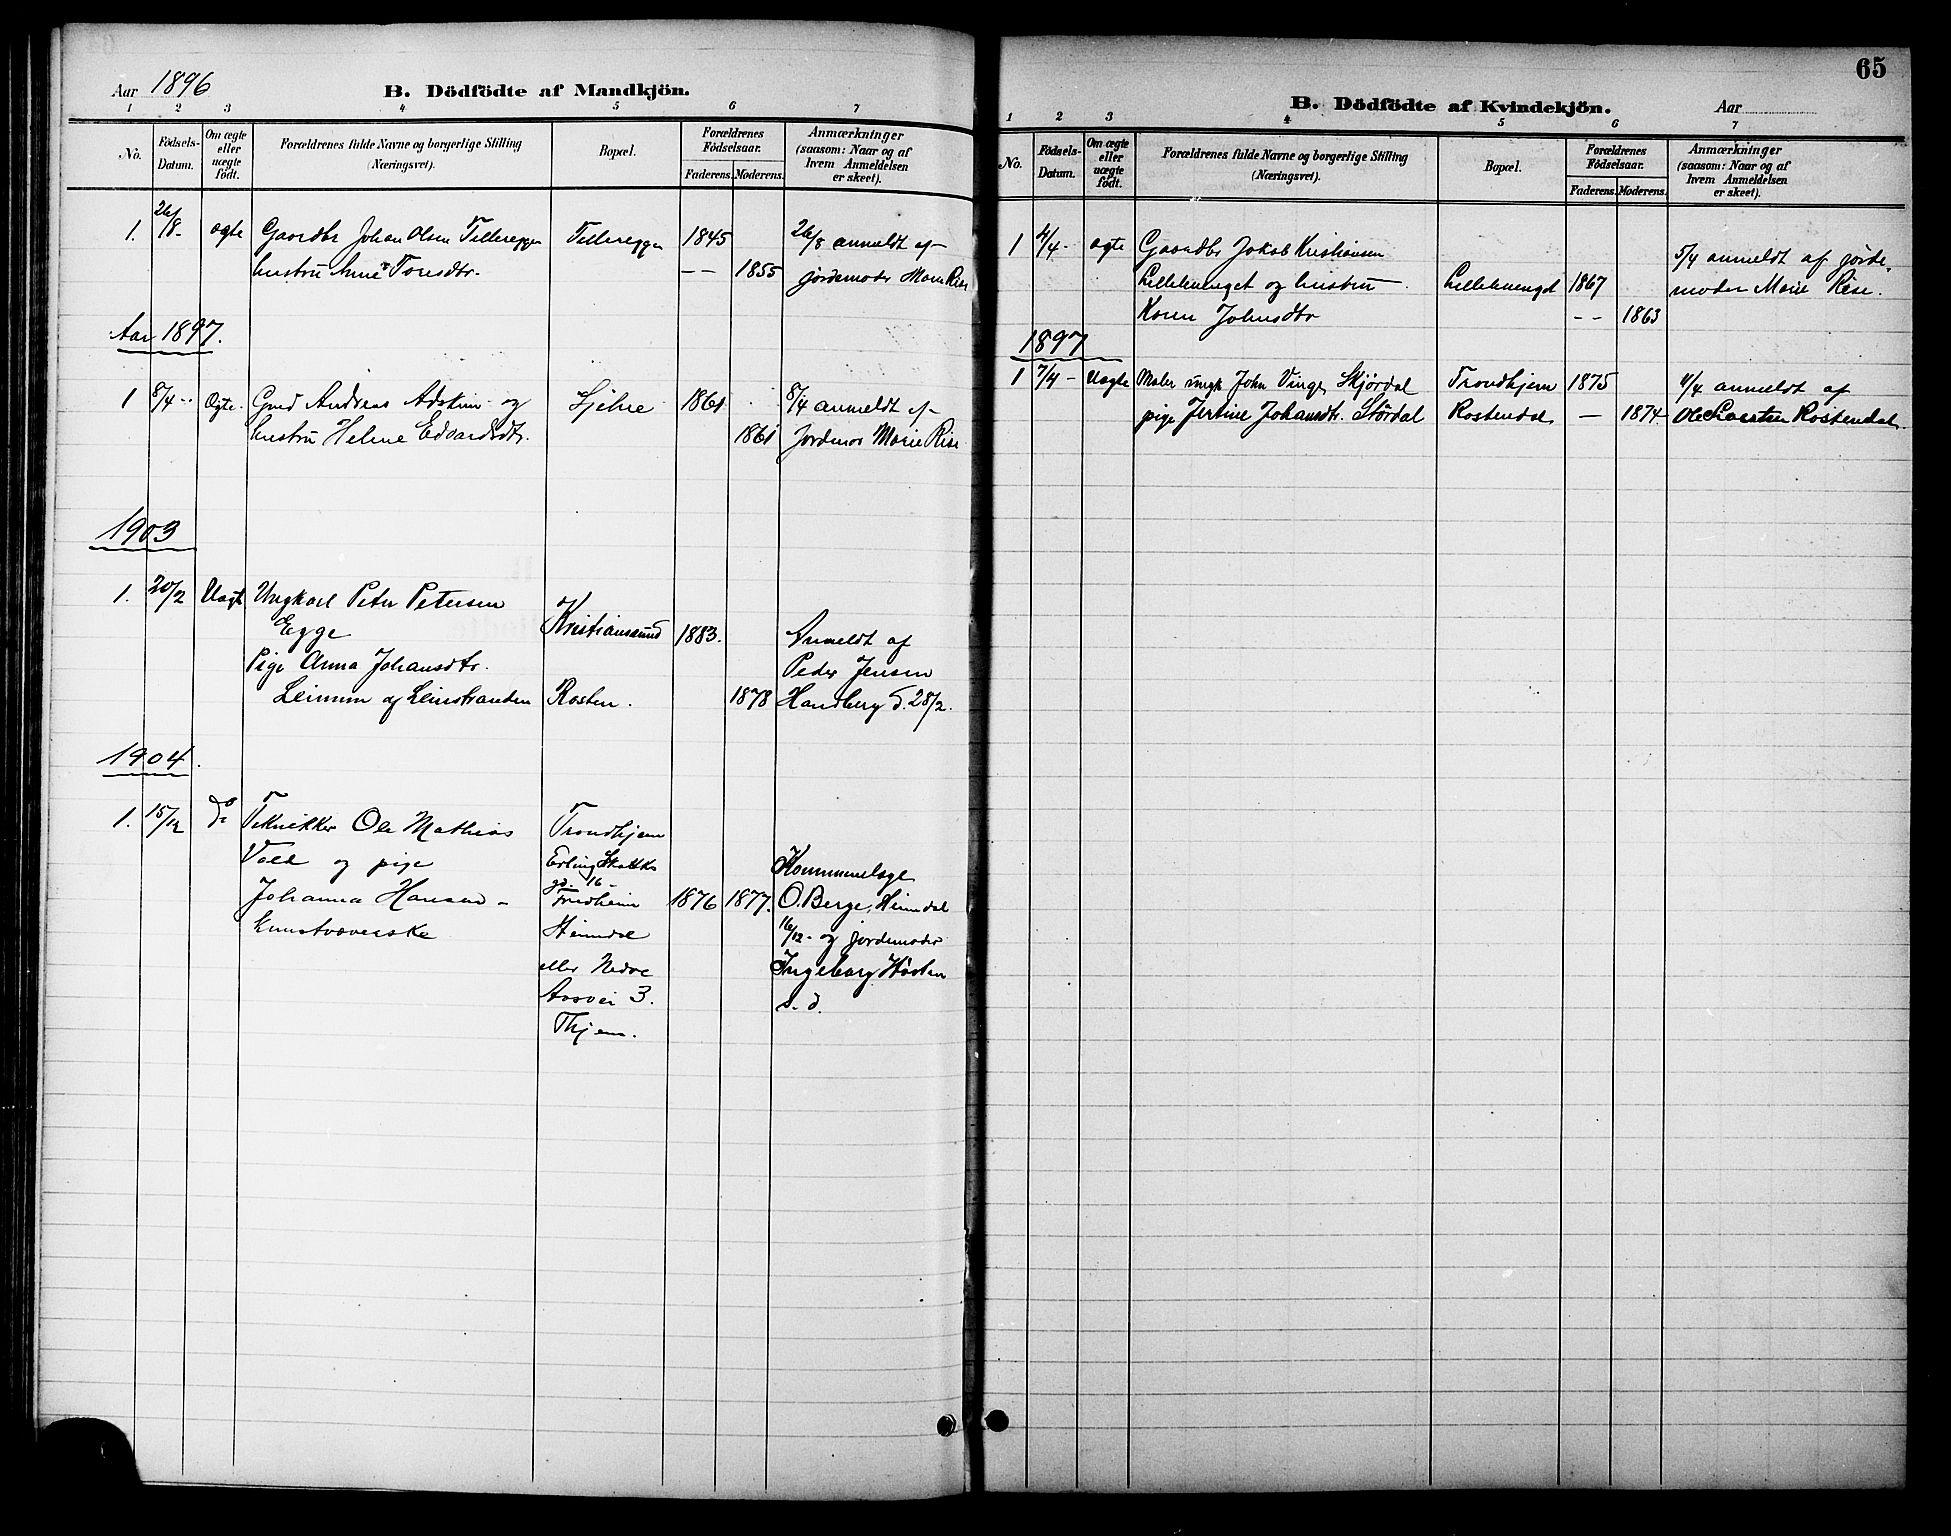 SAT, Ministerialprotokoller, klokkerbøker og fødselsregistre - Sør-Trøndelag, 621/L0460: Klokkerbok nr. 621C03, 1896-1914, s. 65